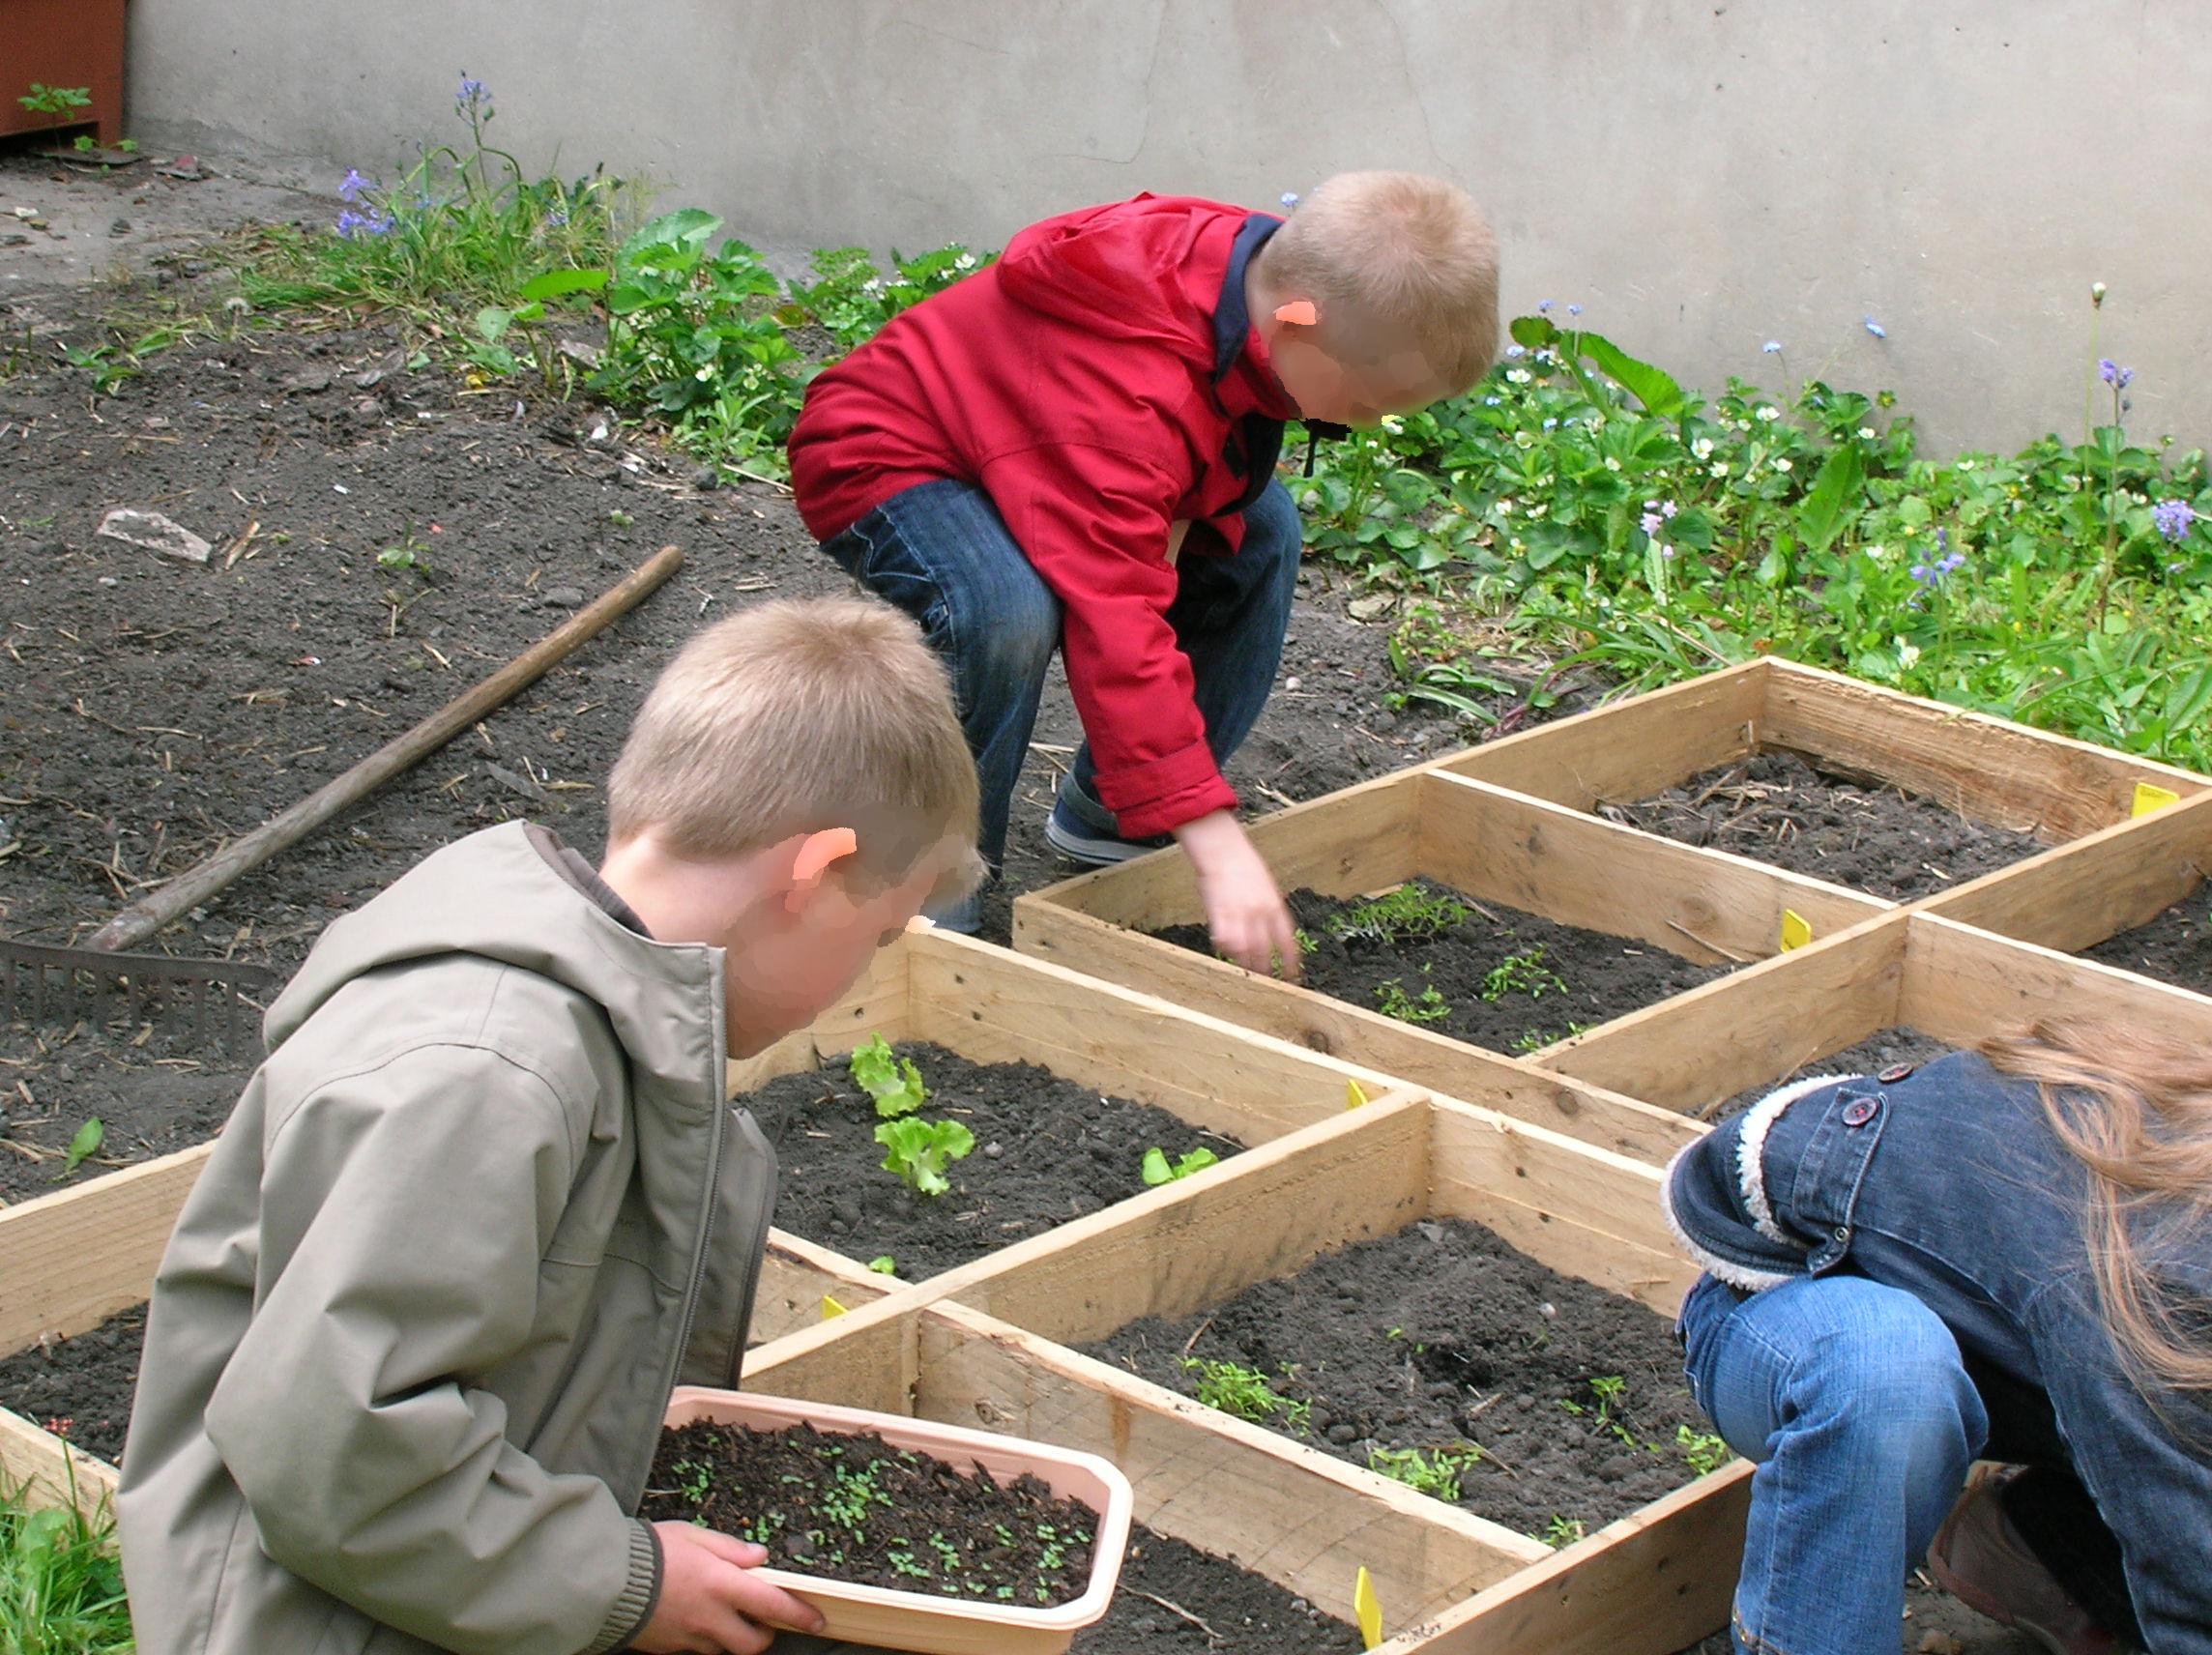 jardinage-2.jpg